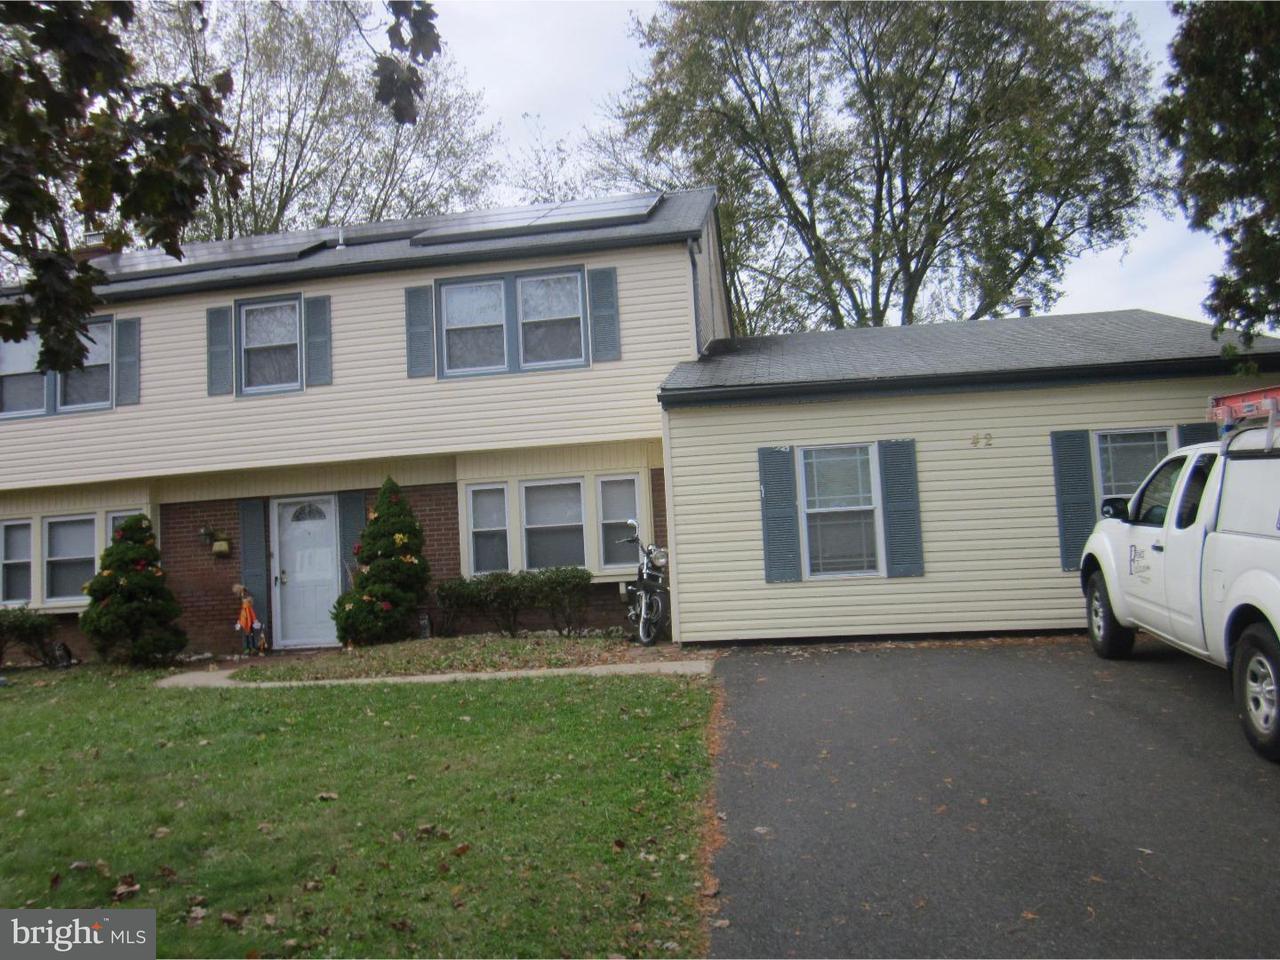 Casa Unifamiliar por un Alquiler en 42 NORTHGATE Lane Willingboro, Nueva Jersey 08046 Estados Unidos